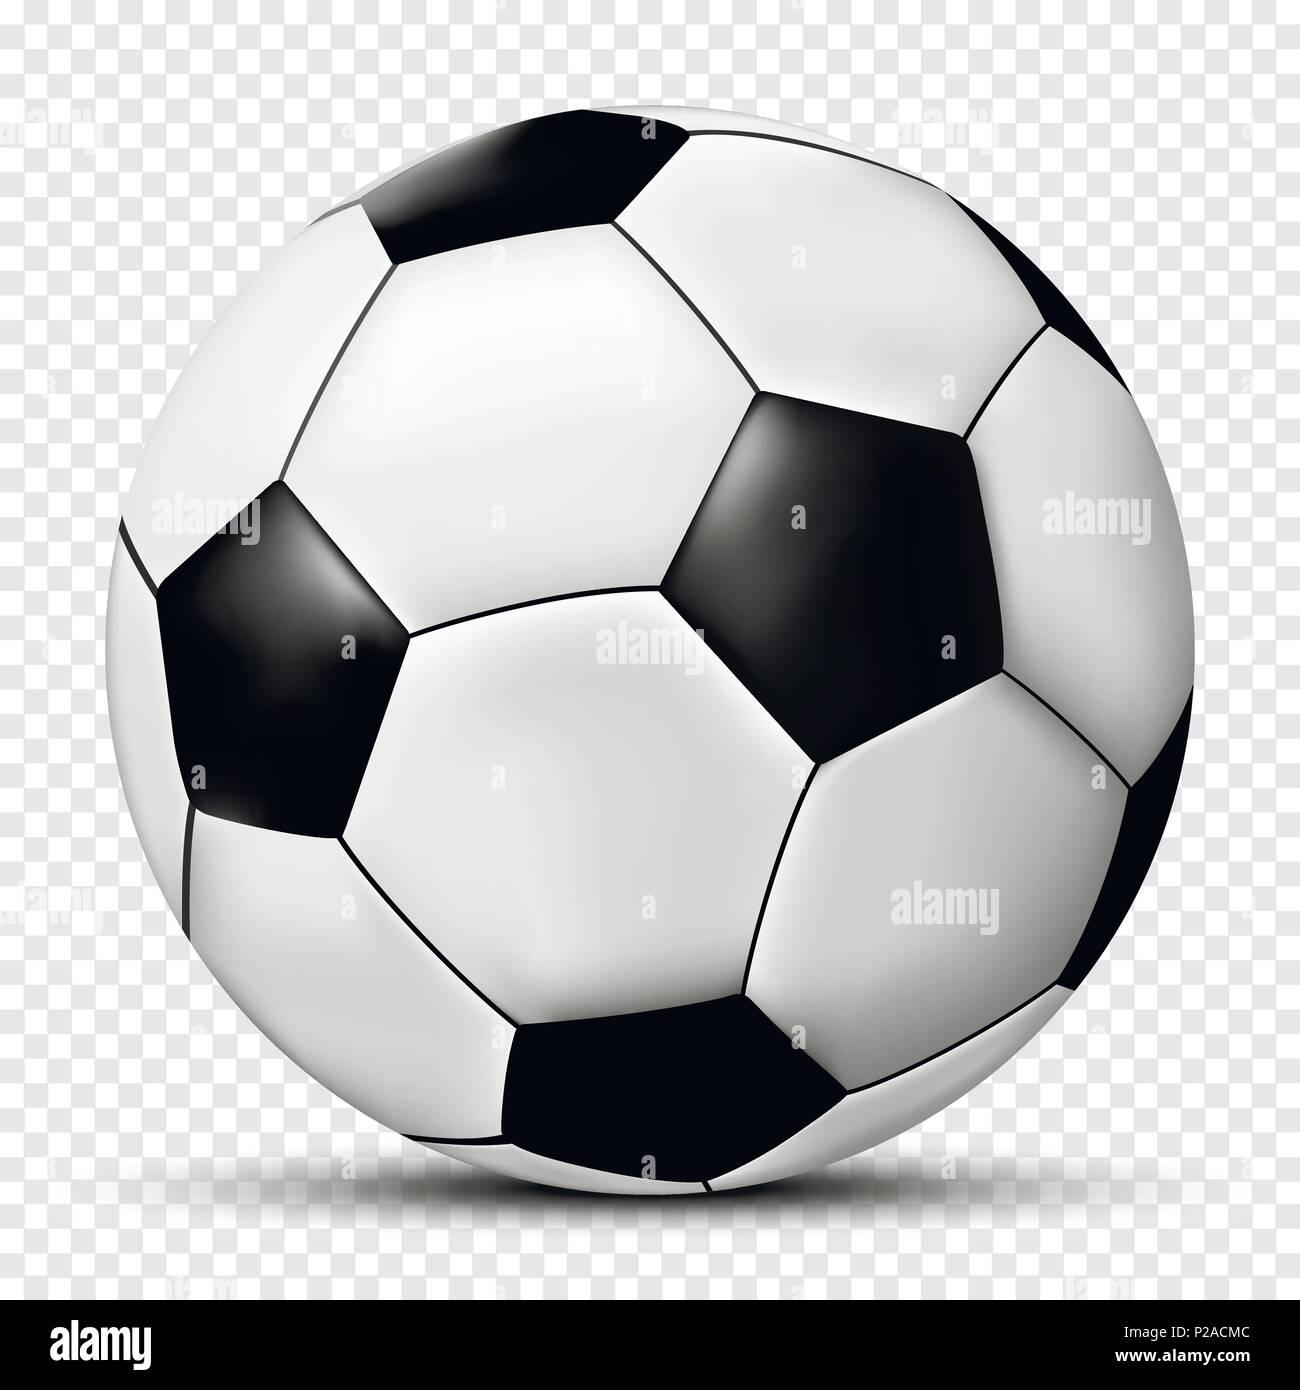 Fútbol o pelota de fútbol aislado sobre fondo transparente. Ilustración  vectorial. Imagen De Stock a1a6868b9c9a8